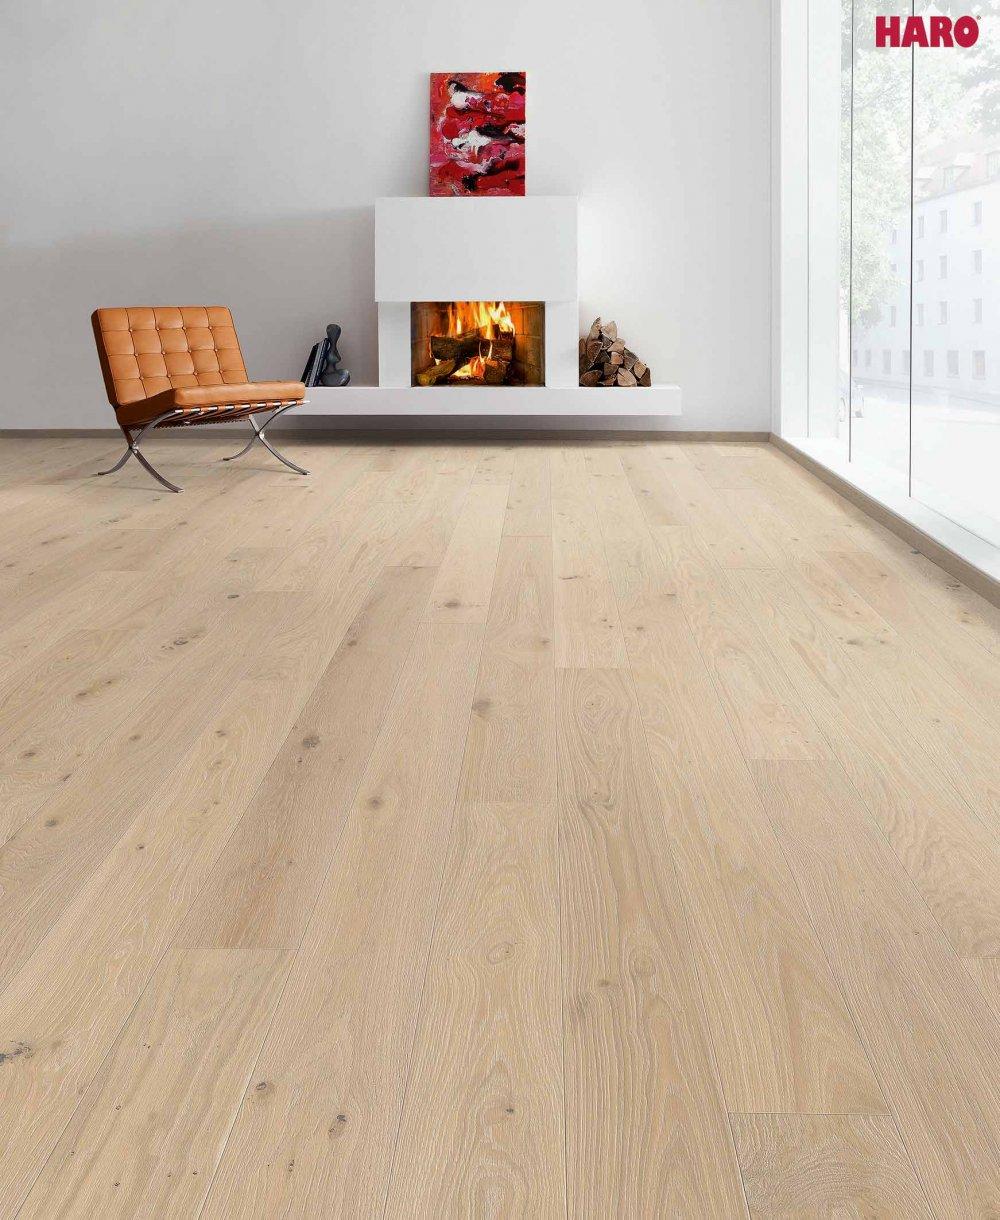 535542 haro parkett landhausdiele 4000 eiche cremeweiss gekalkt sauvage strukturiert 4v fase. Black Bedroom Furniture Sets. Home Design Ideas